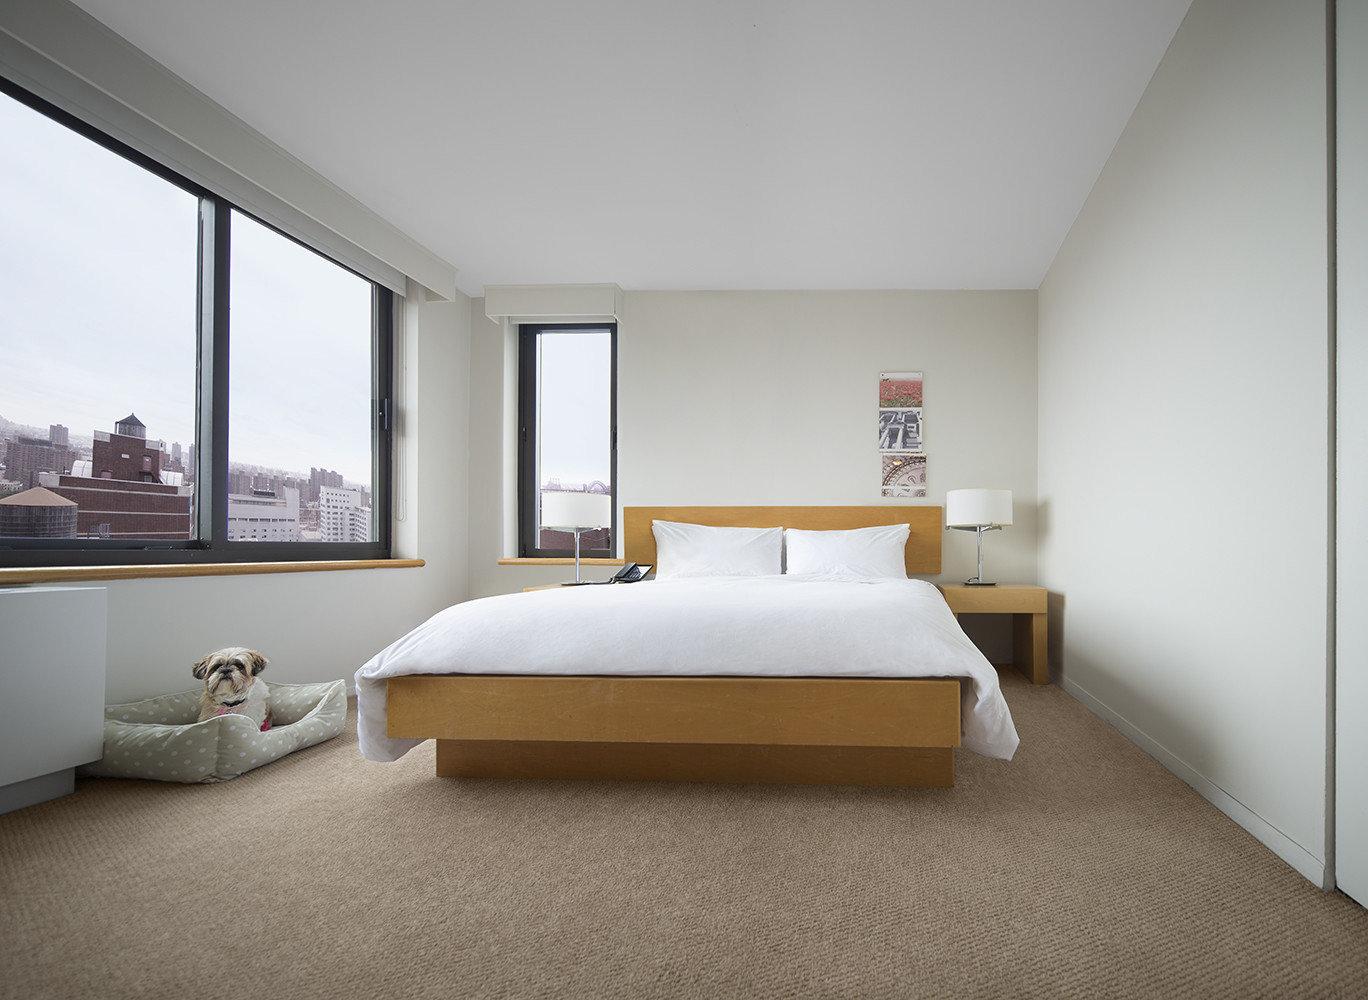 Bedroom property Suite bed frame flooring living room